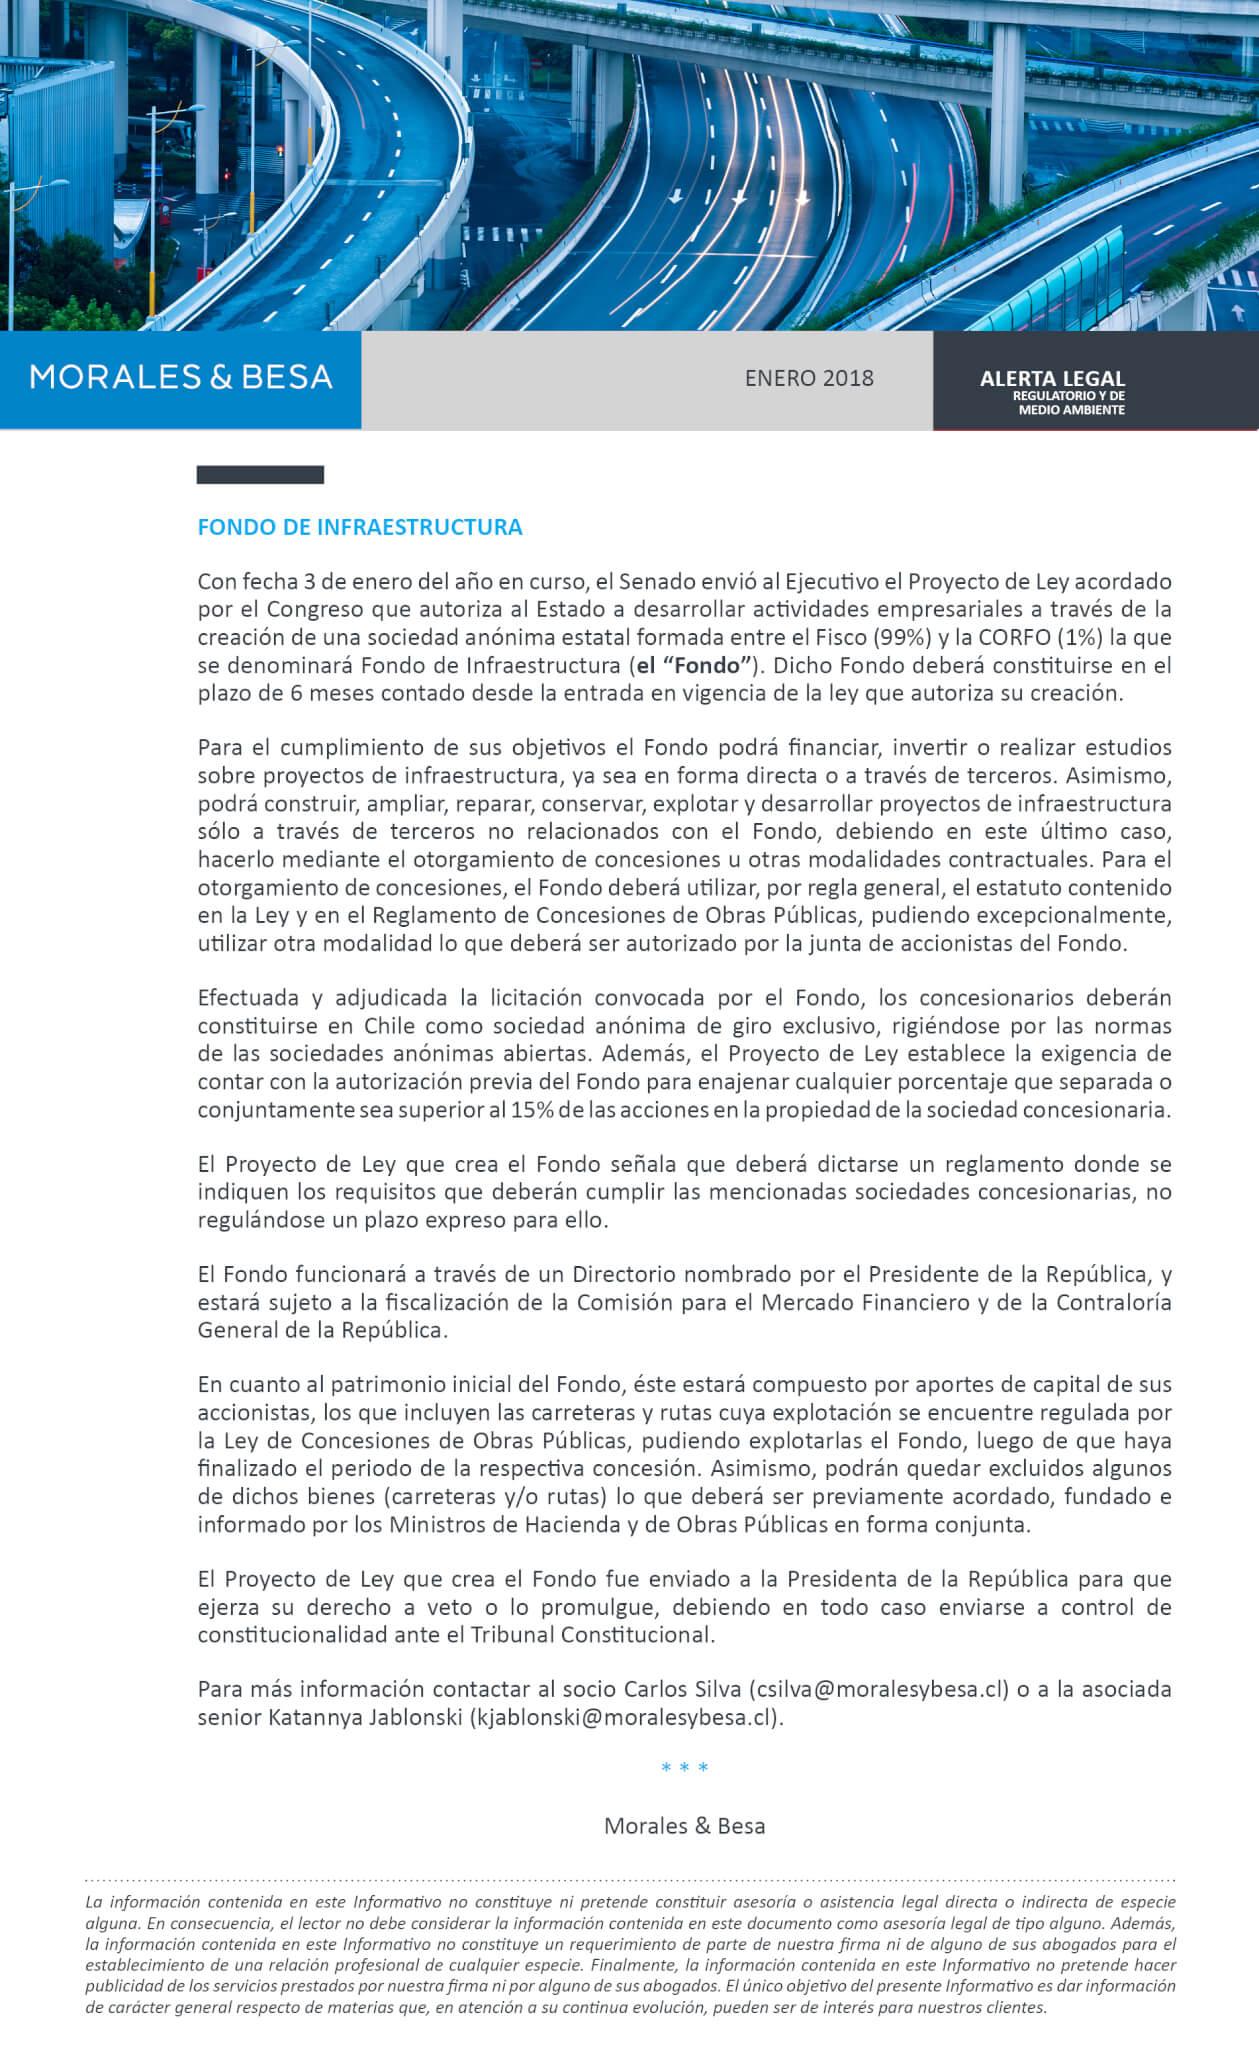 Morales & Besa_Alerta Legal_Fondo de infraestructura_Enero 2018